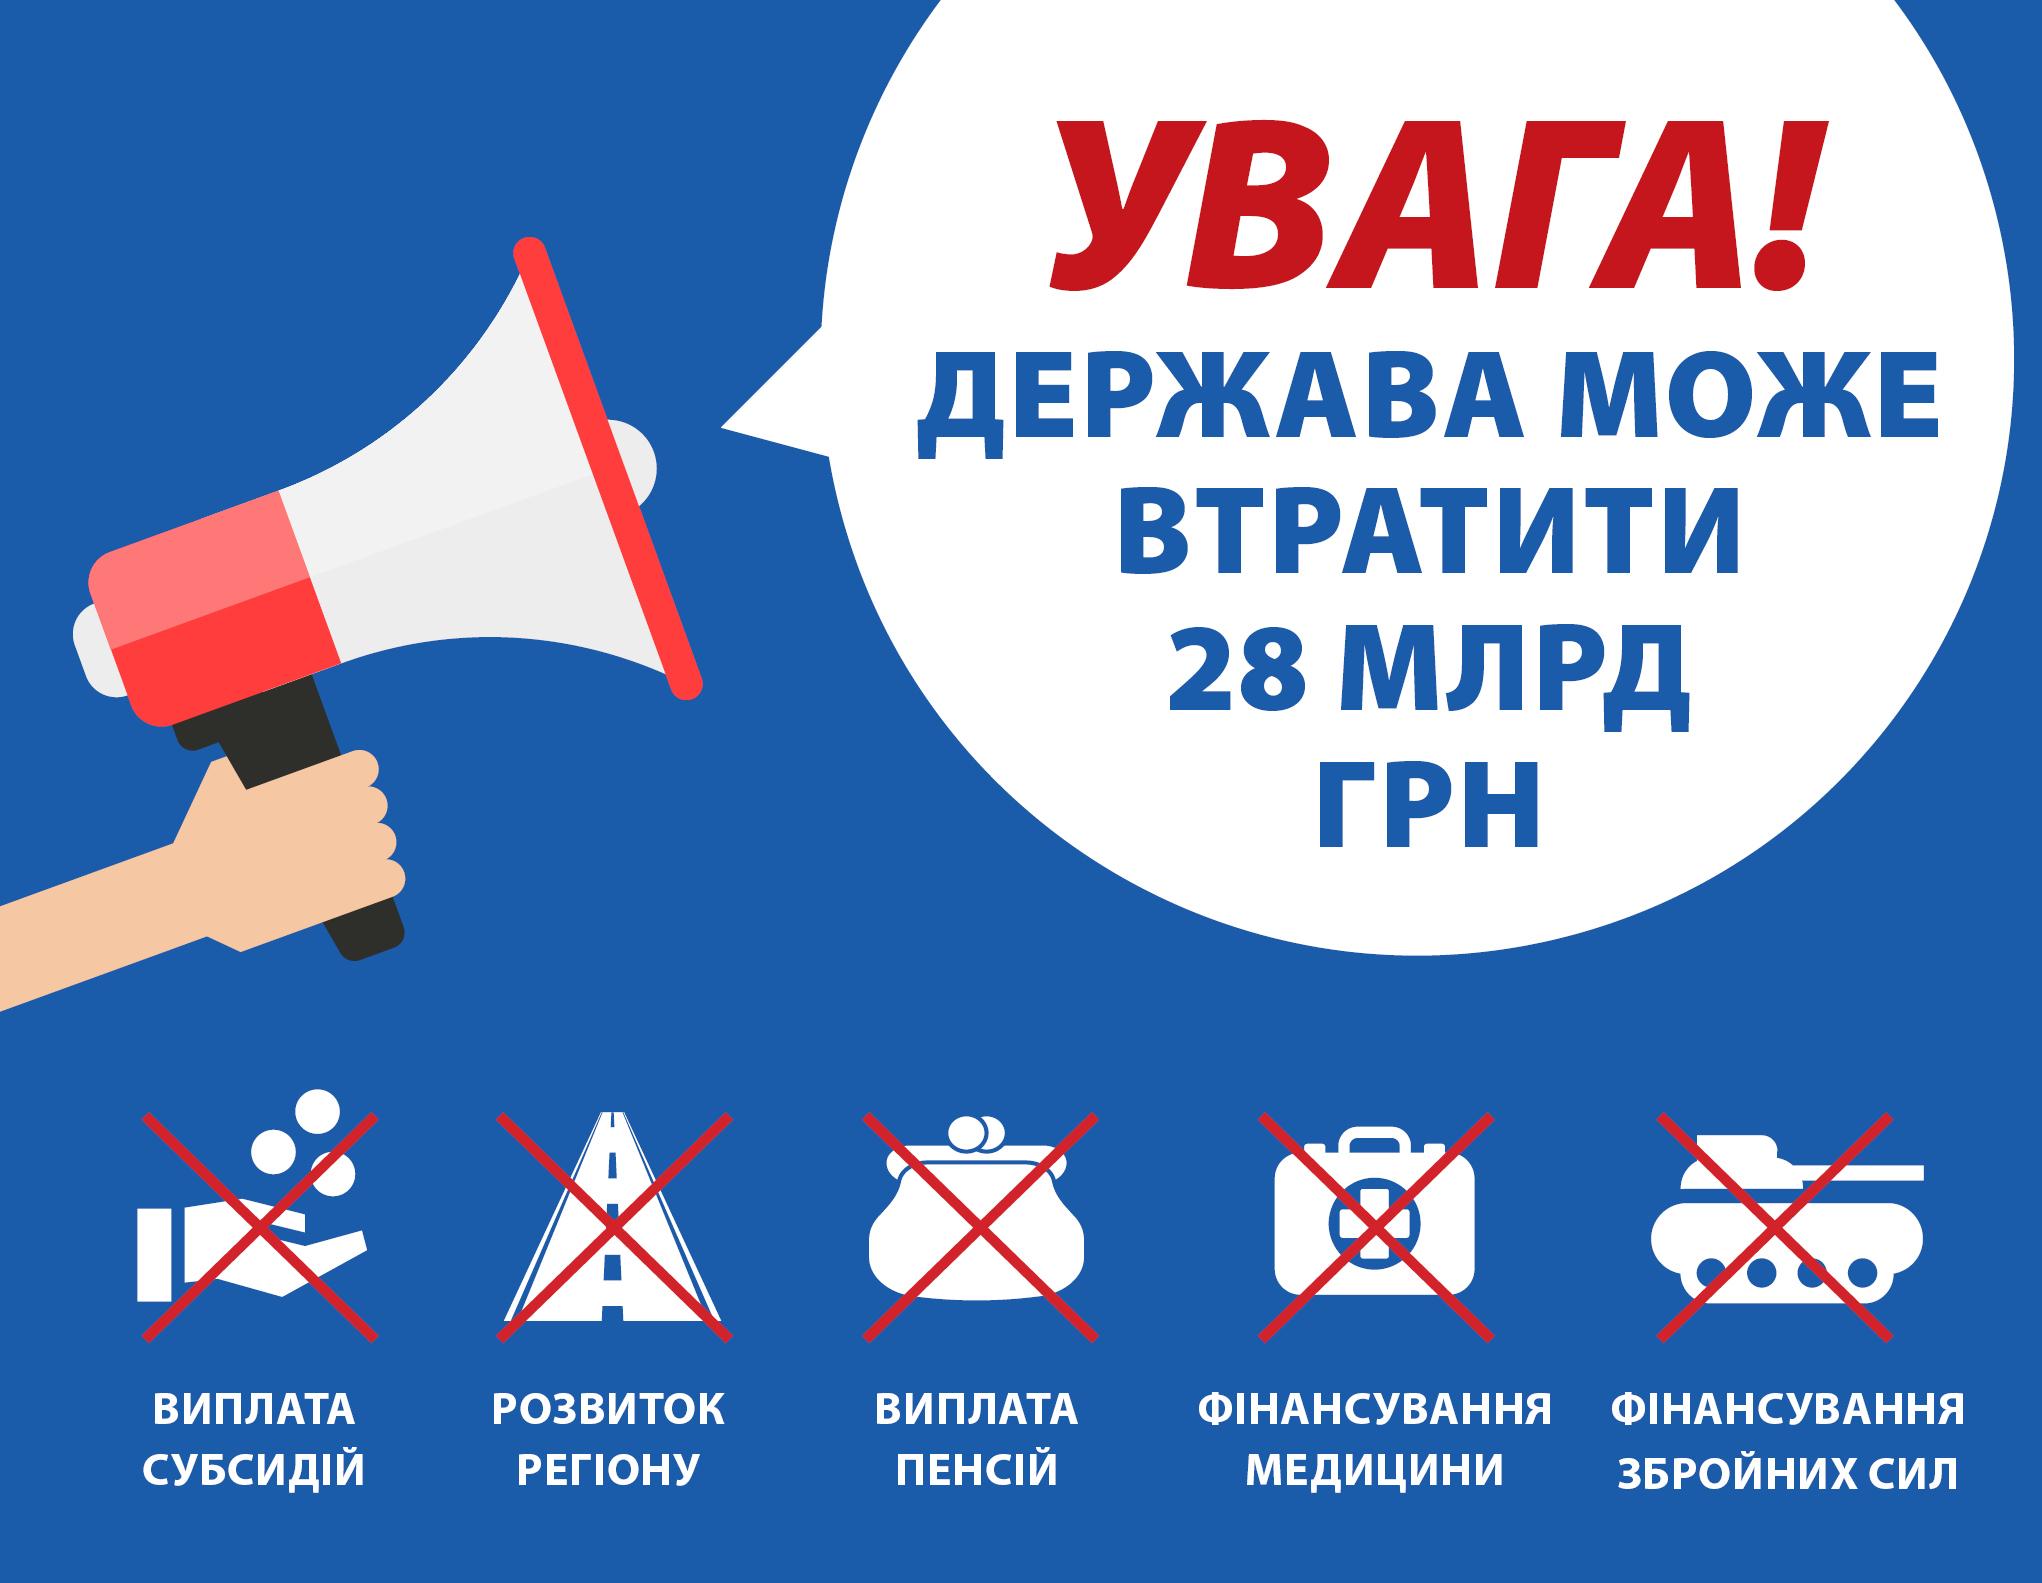 Через бездіяльність Державної служби геології та надр Україна може втратити 3 млрд куб. м газу на рік та більше 28 млрд грн бюджетних коштів